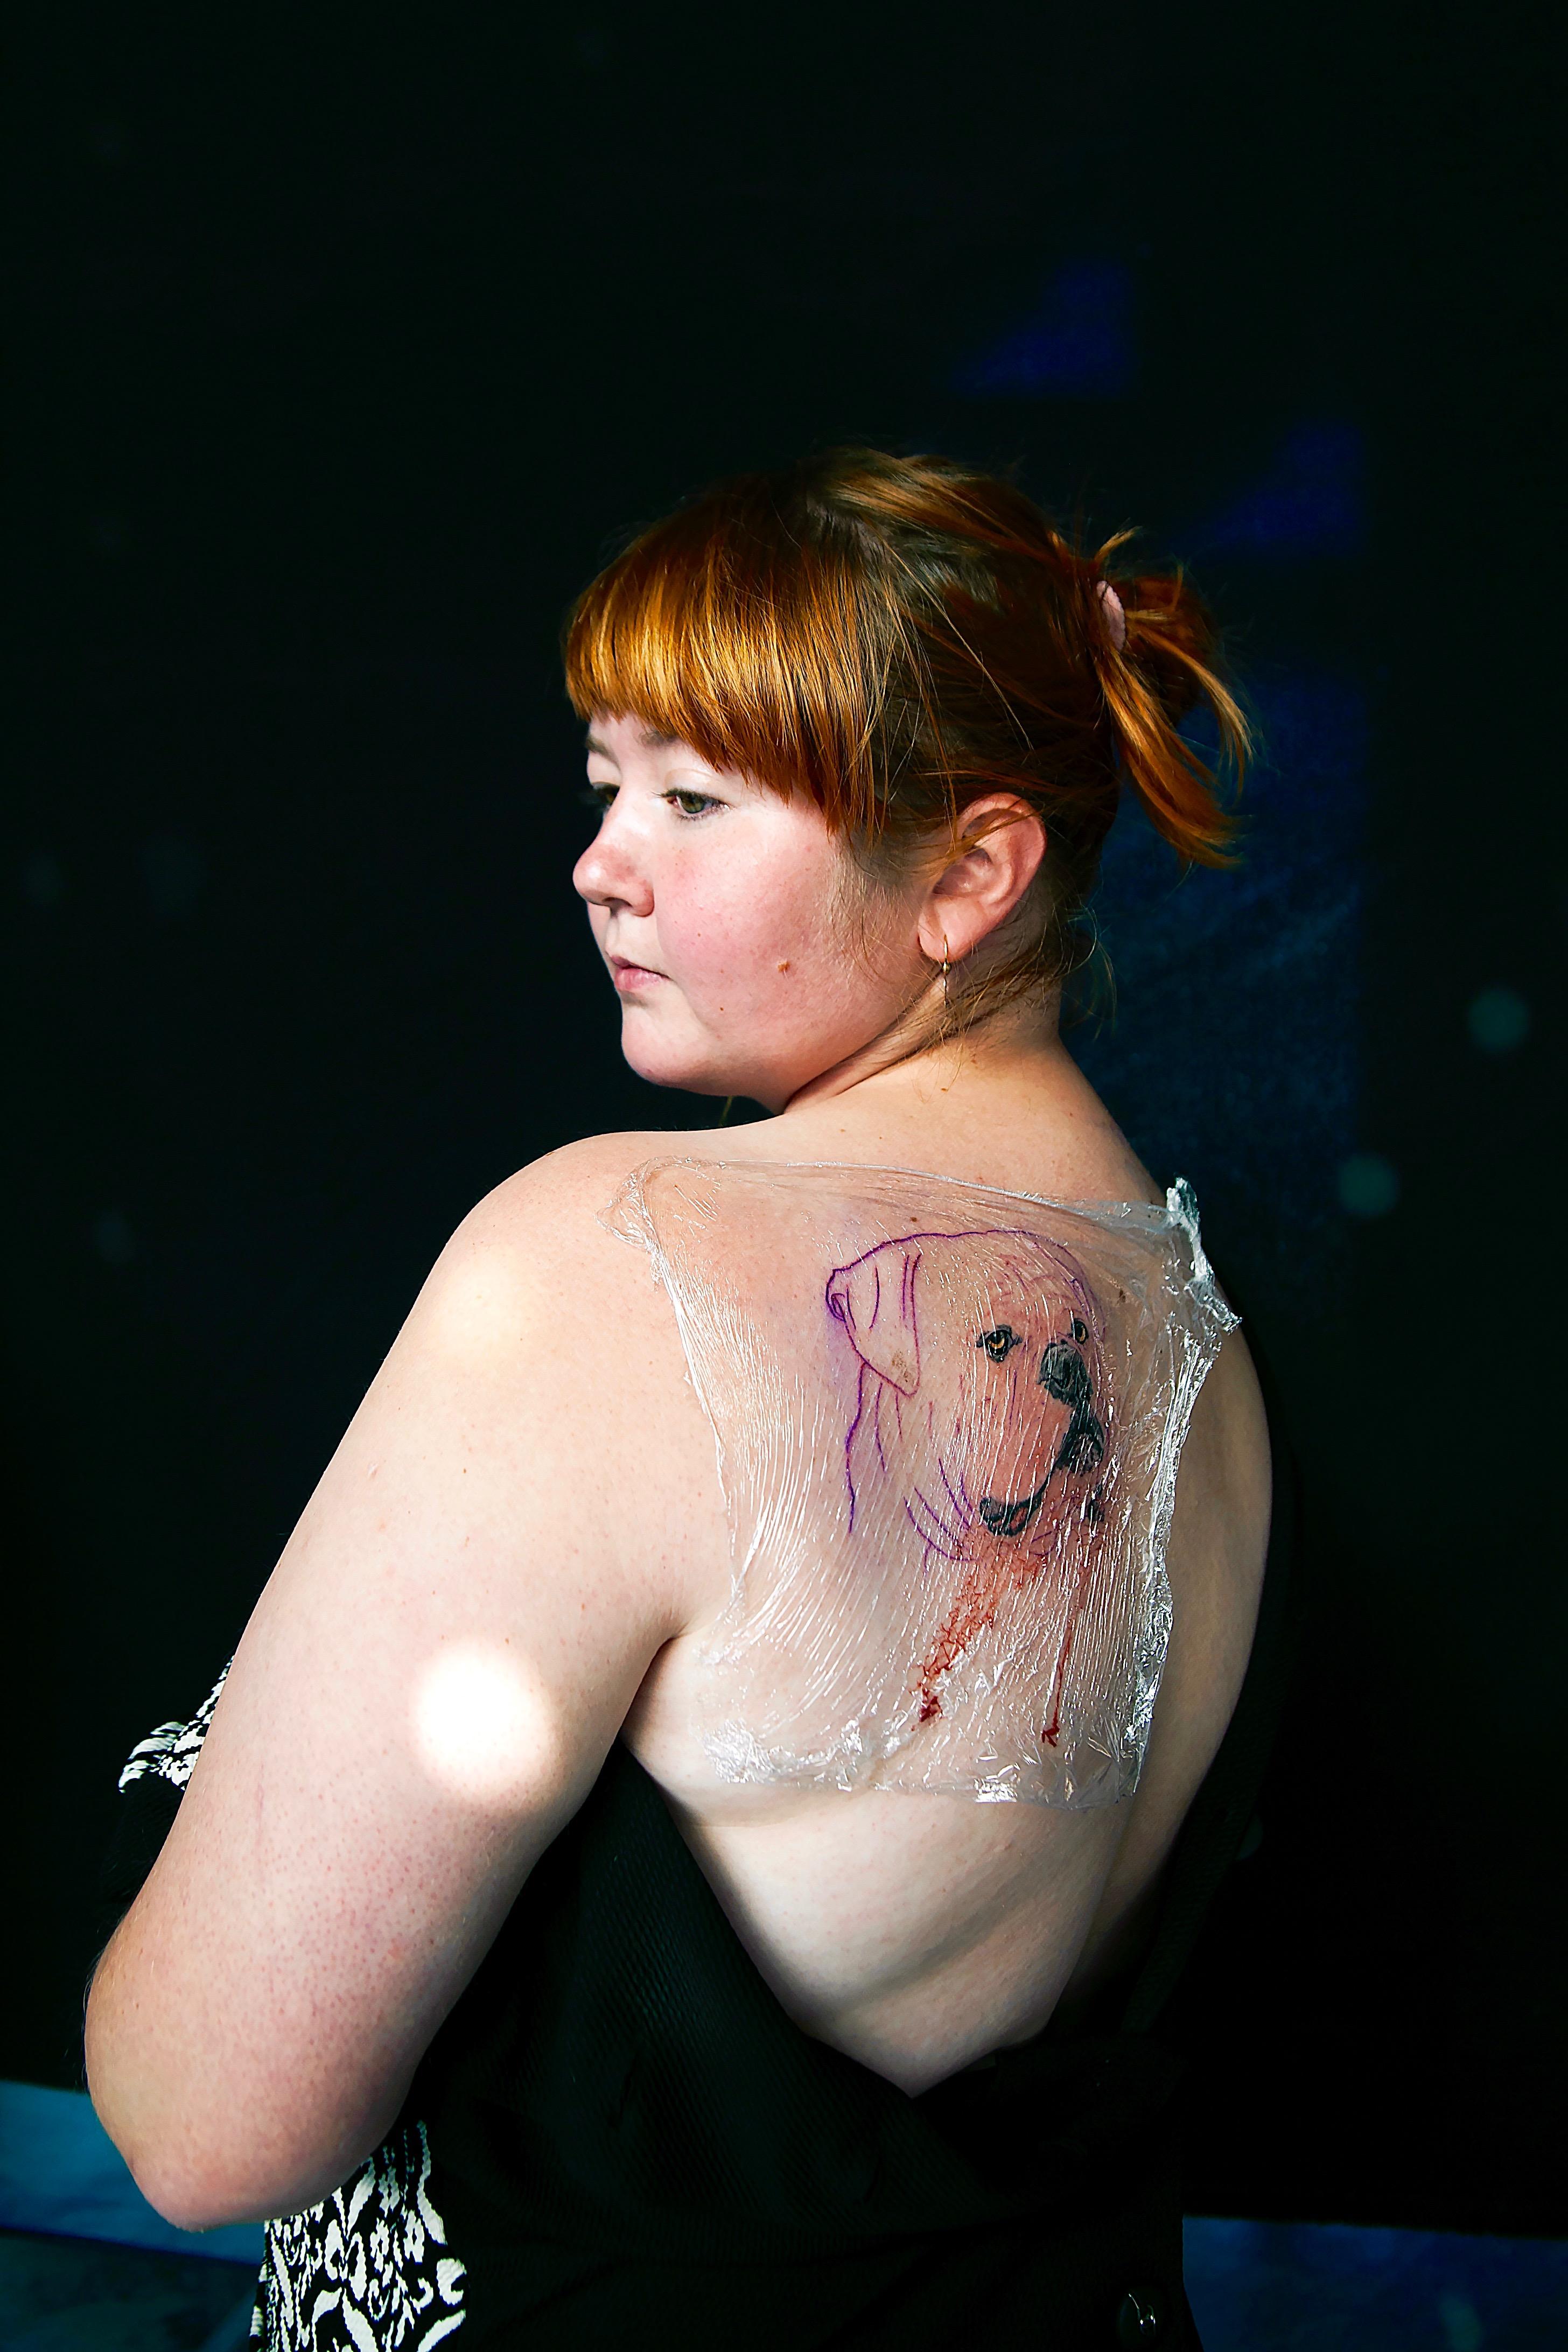 Темнокожие татуированные девушки фото 24 фотография